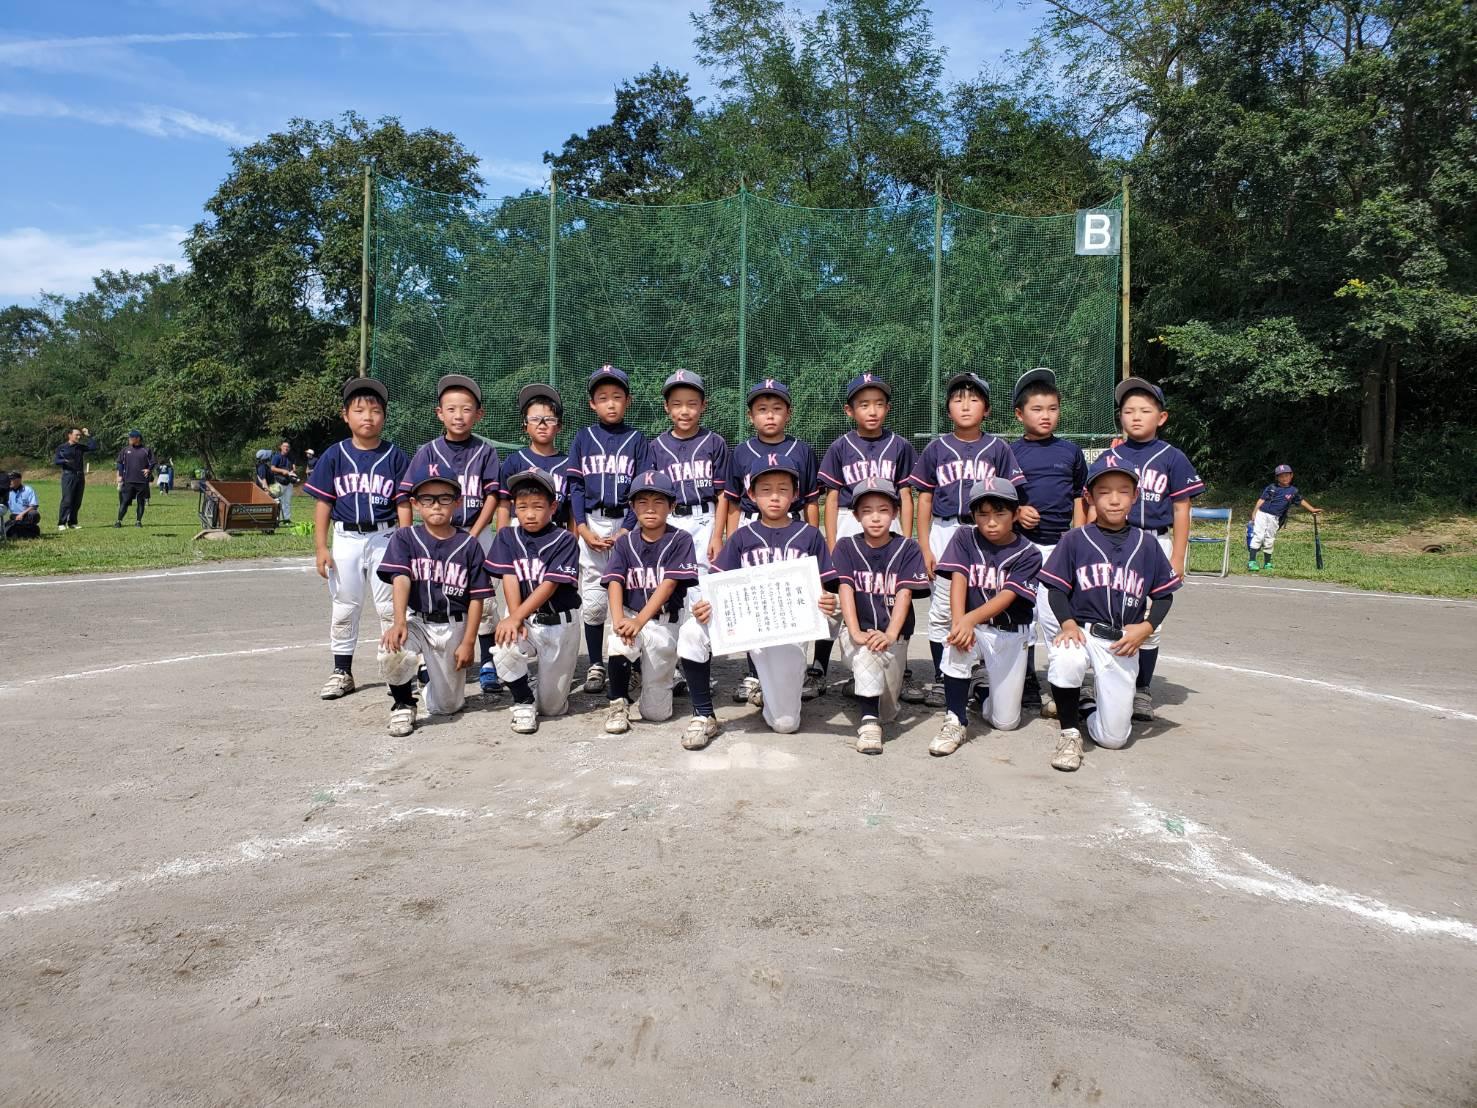 第2回  ジュニアチャンピオンシップ八王子予選 準優勝 北野バイオレンズ 令和元年9月29日